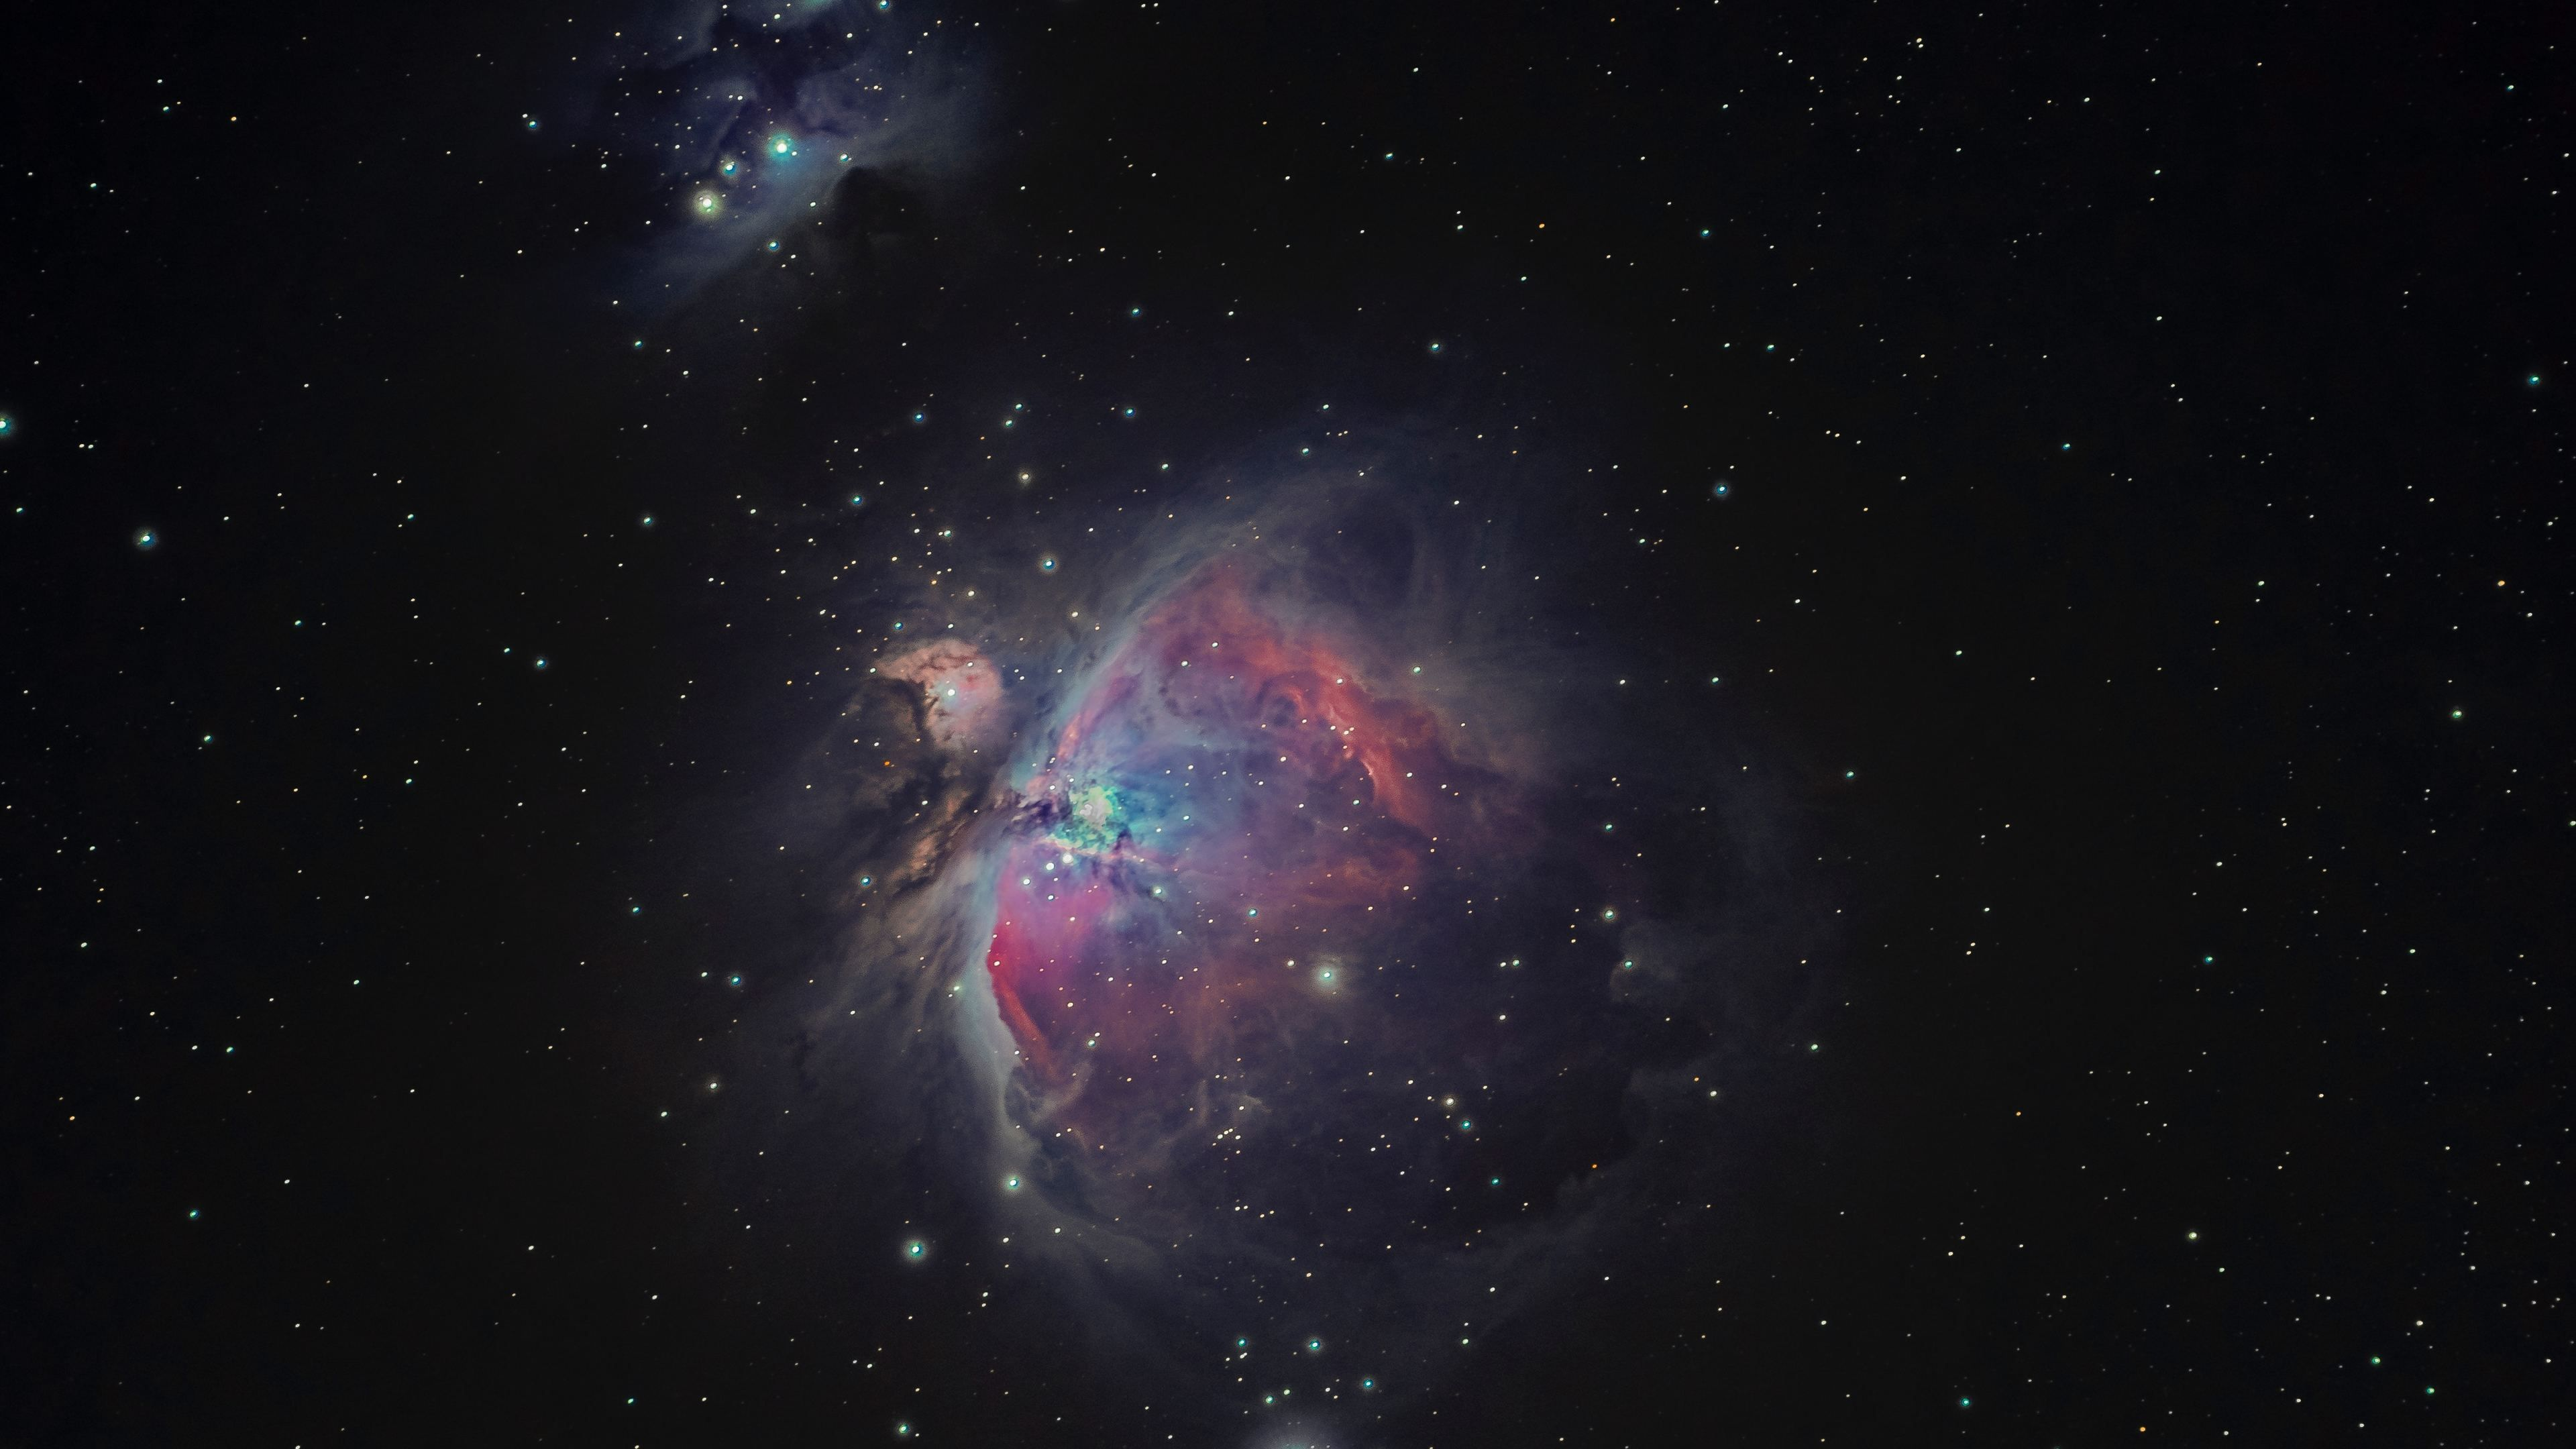 Orion Nebula 4k Wallpaper Https Hdwallpapersmafia Com Orion Nebula 4k Wallpaper 2 Orion Nebula 4k 4k 4k Wallpapers Galaxy Wallpapers Hd Wallpapers